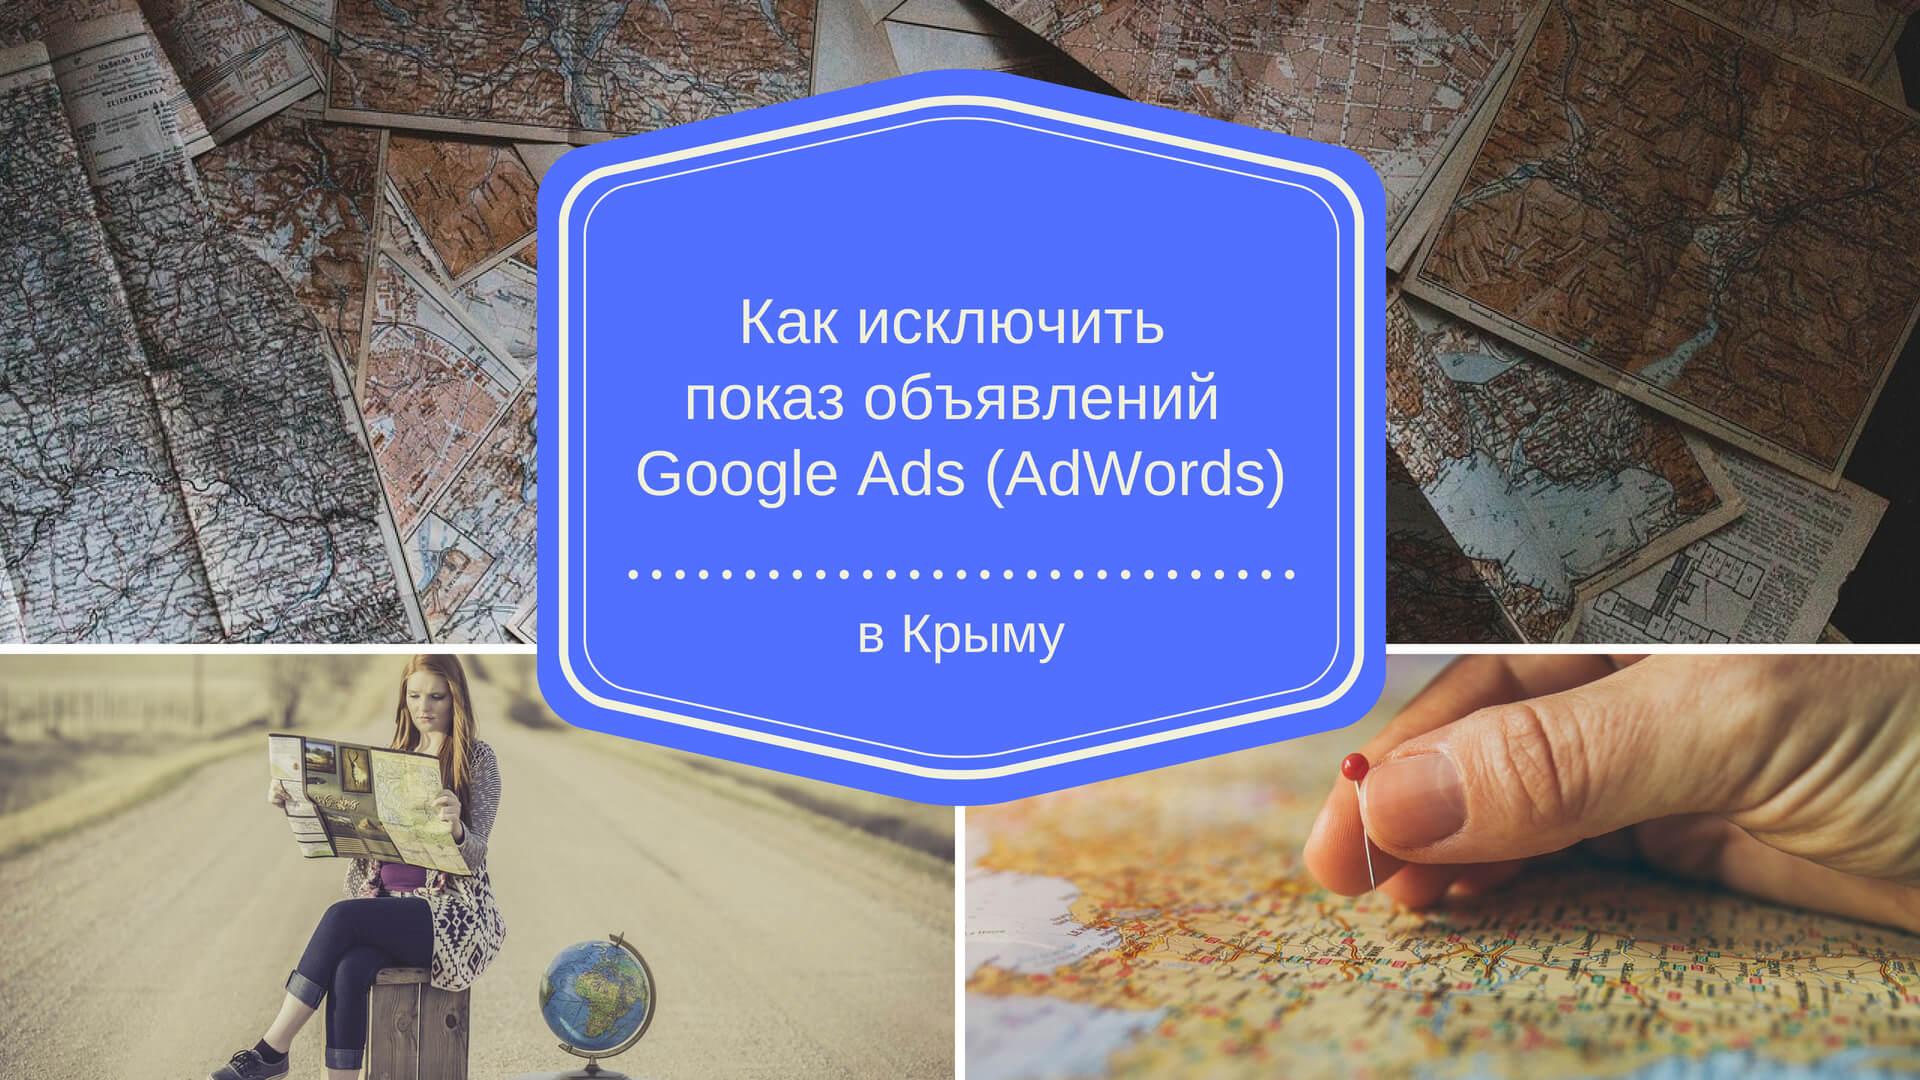 Как исключить показ объявлений Google Ads (AdWords) в Крыму